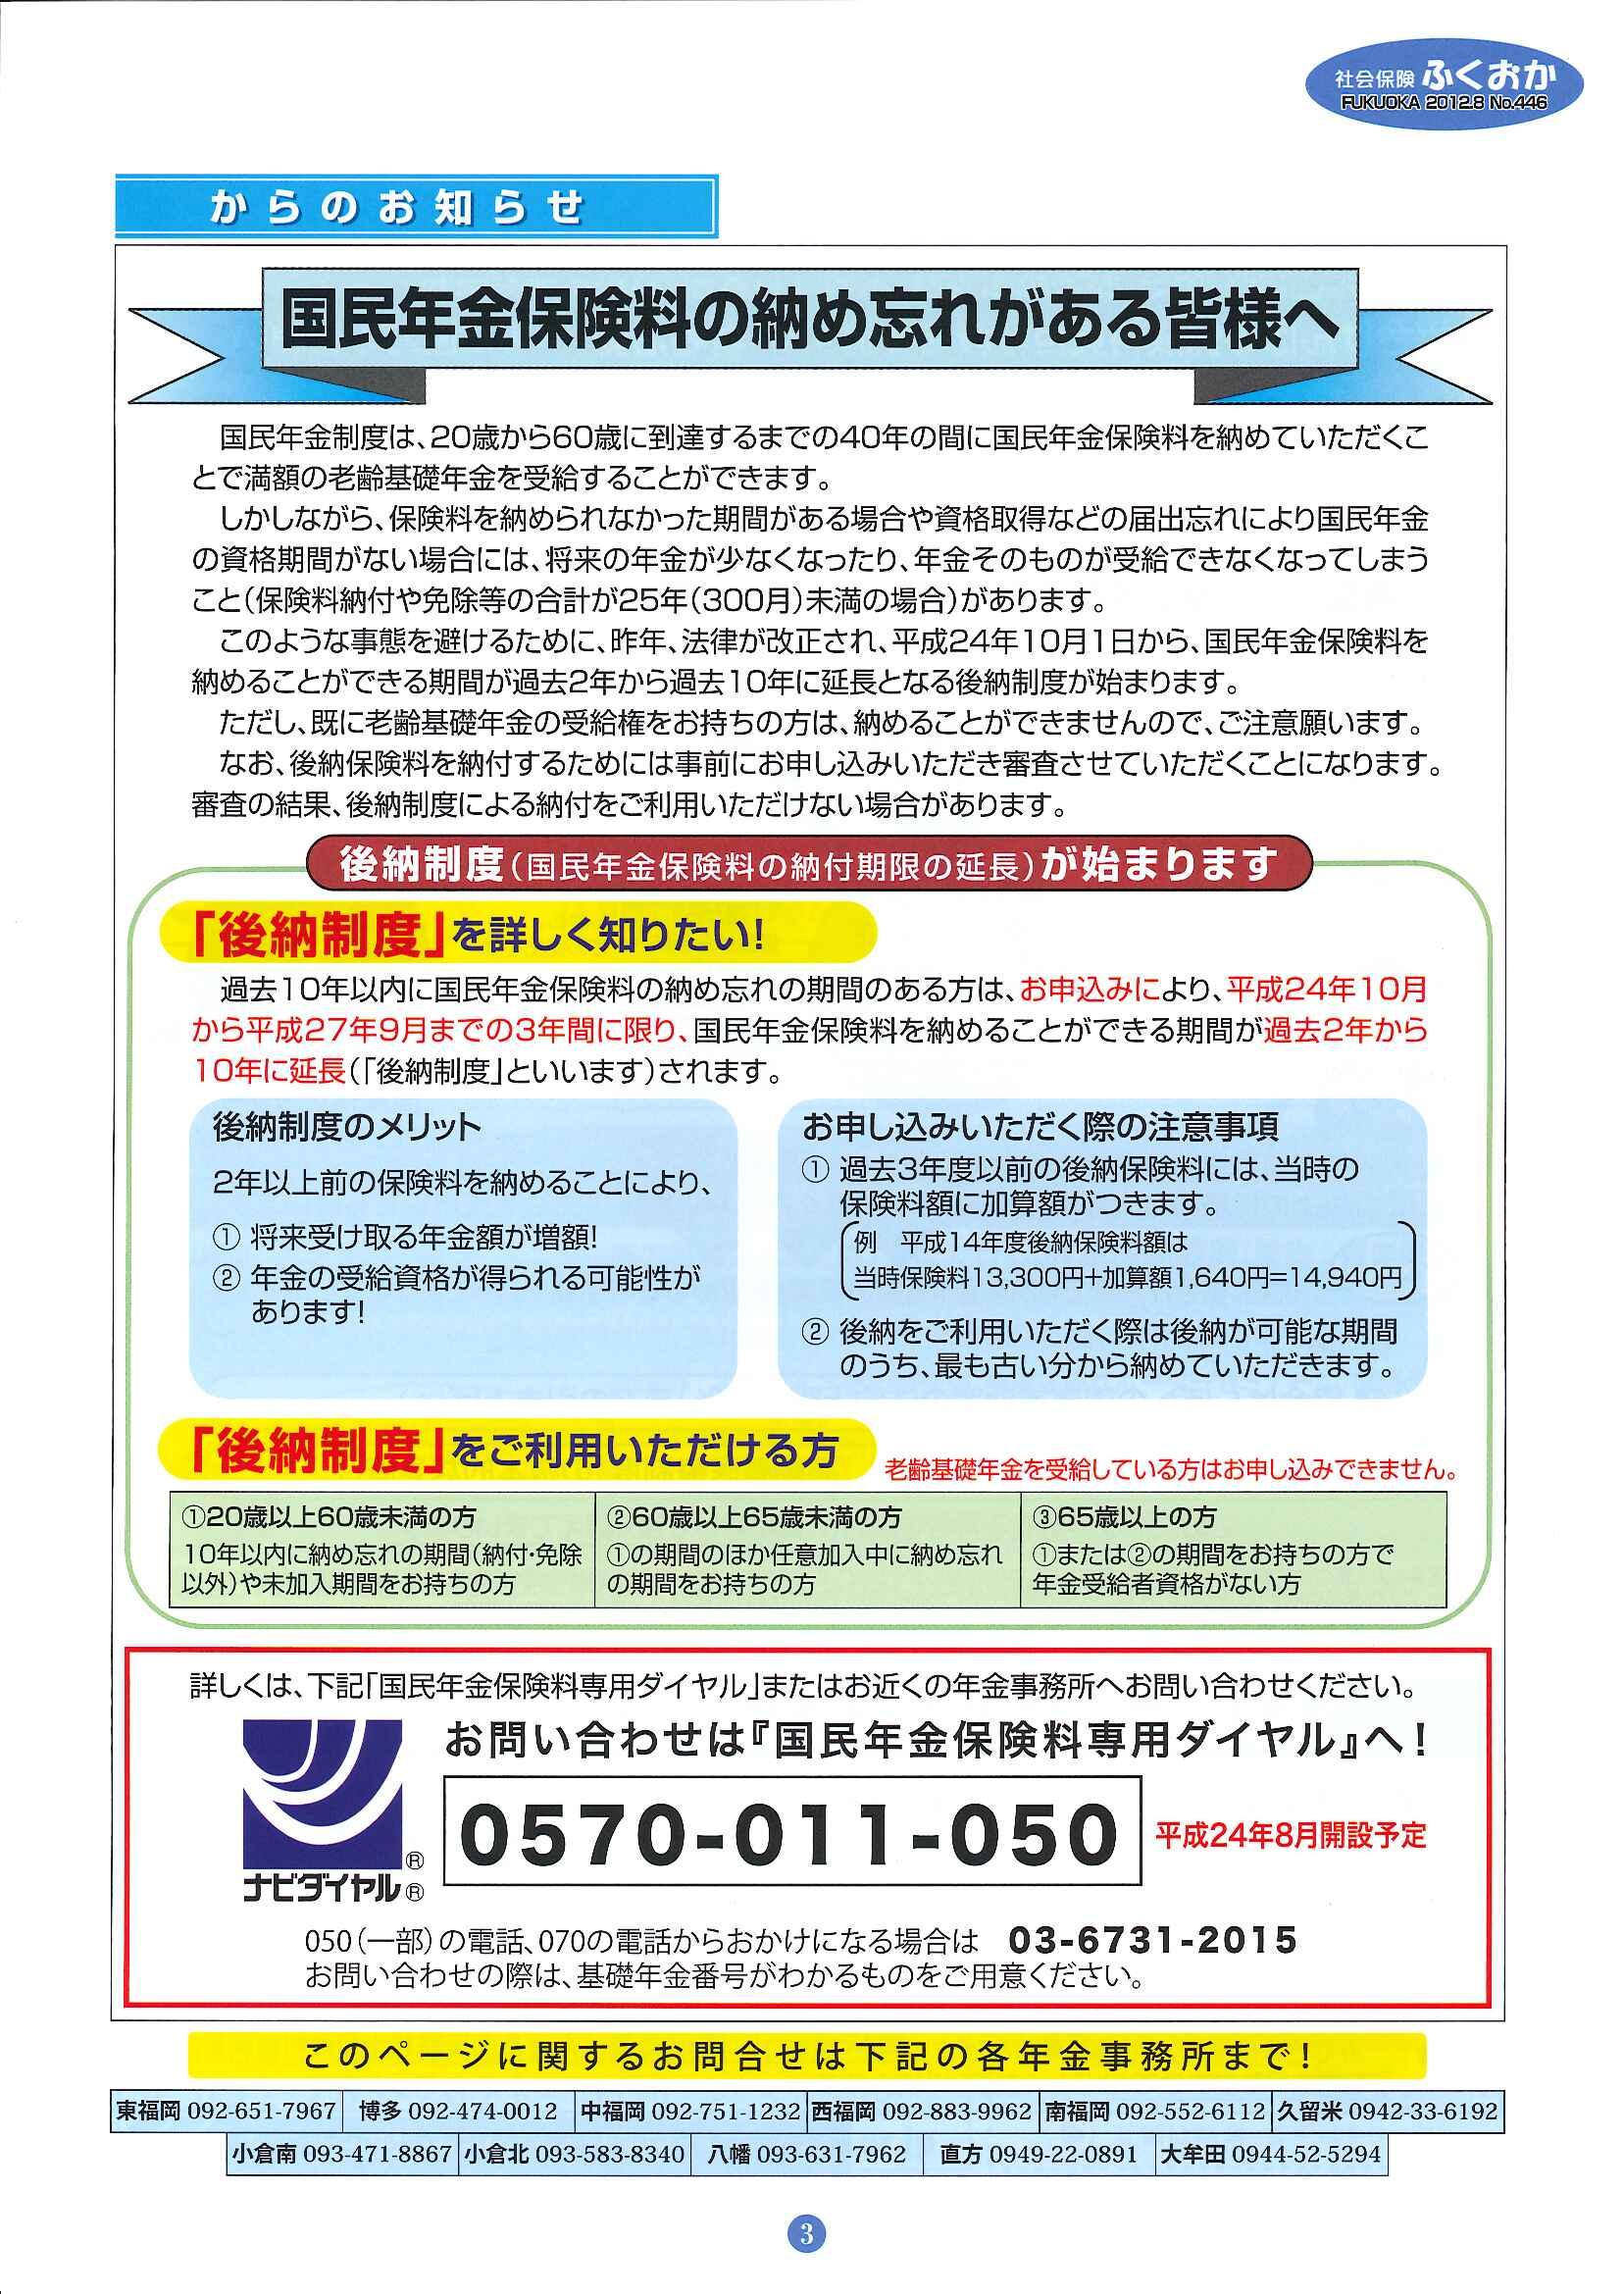 社会保険 ふくおか 2012 8月号_f0120774_14484713.jpg